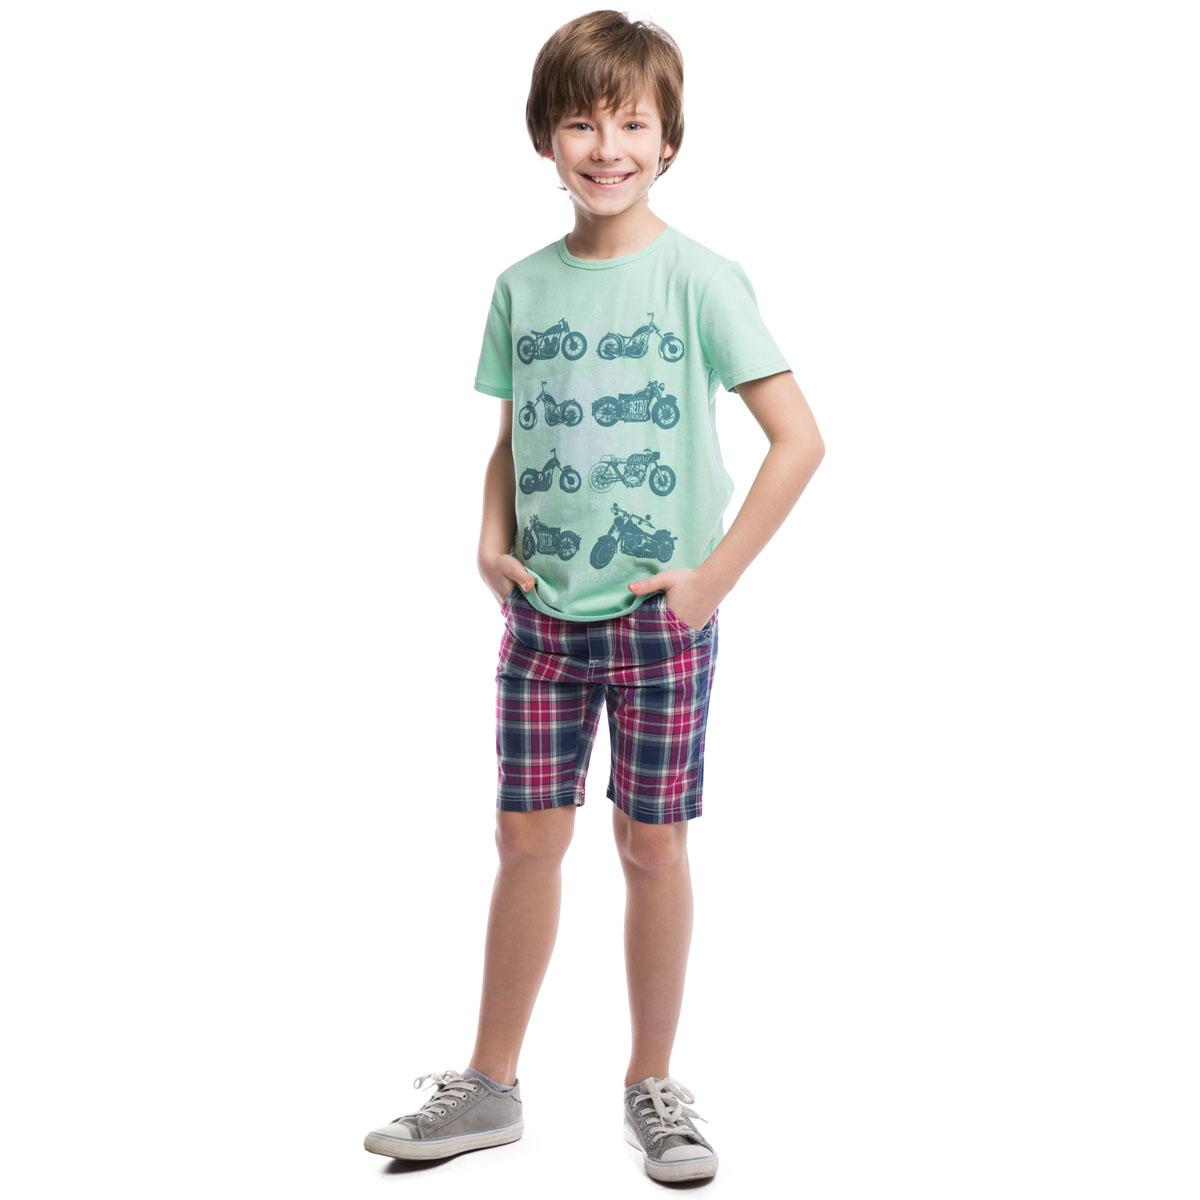 263009Стильная хлопковая футболка с короткими рукавами и трикотажной резинкой на воротнике. Модель приятного цвета оформлена стильным принтом с изображением мотоциклов.